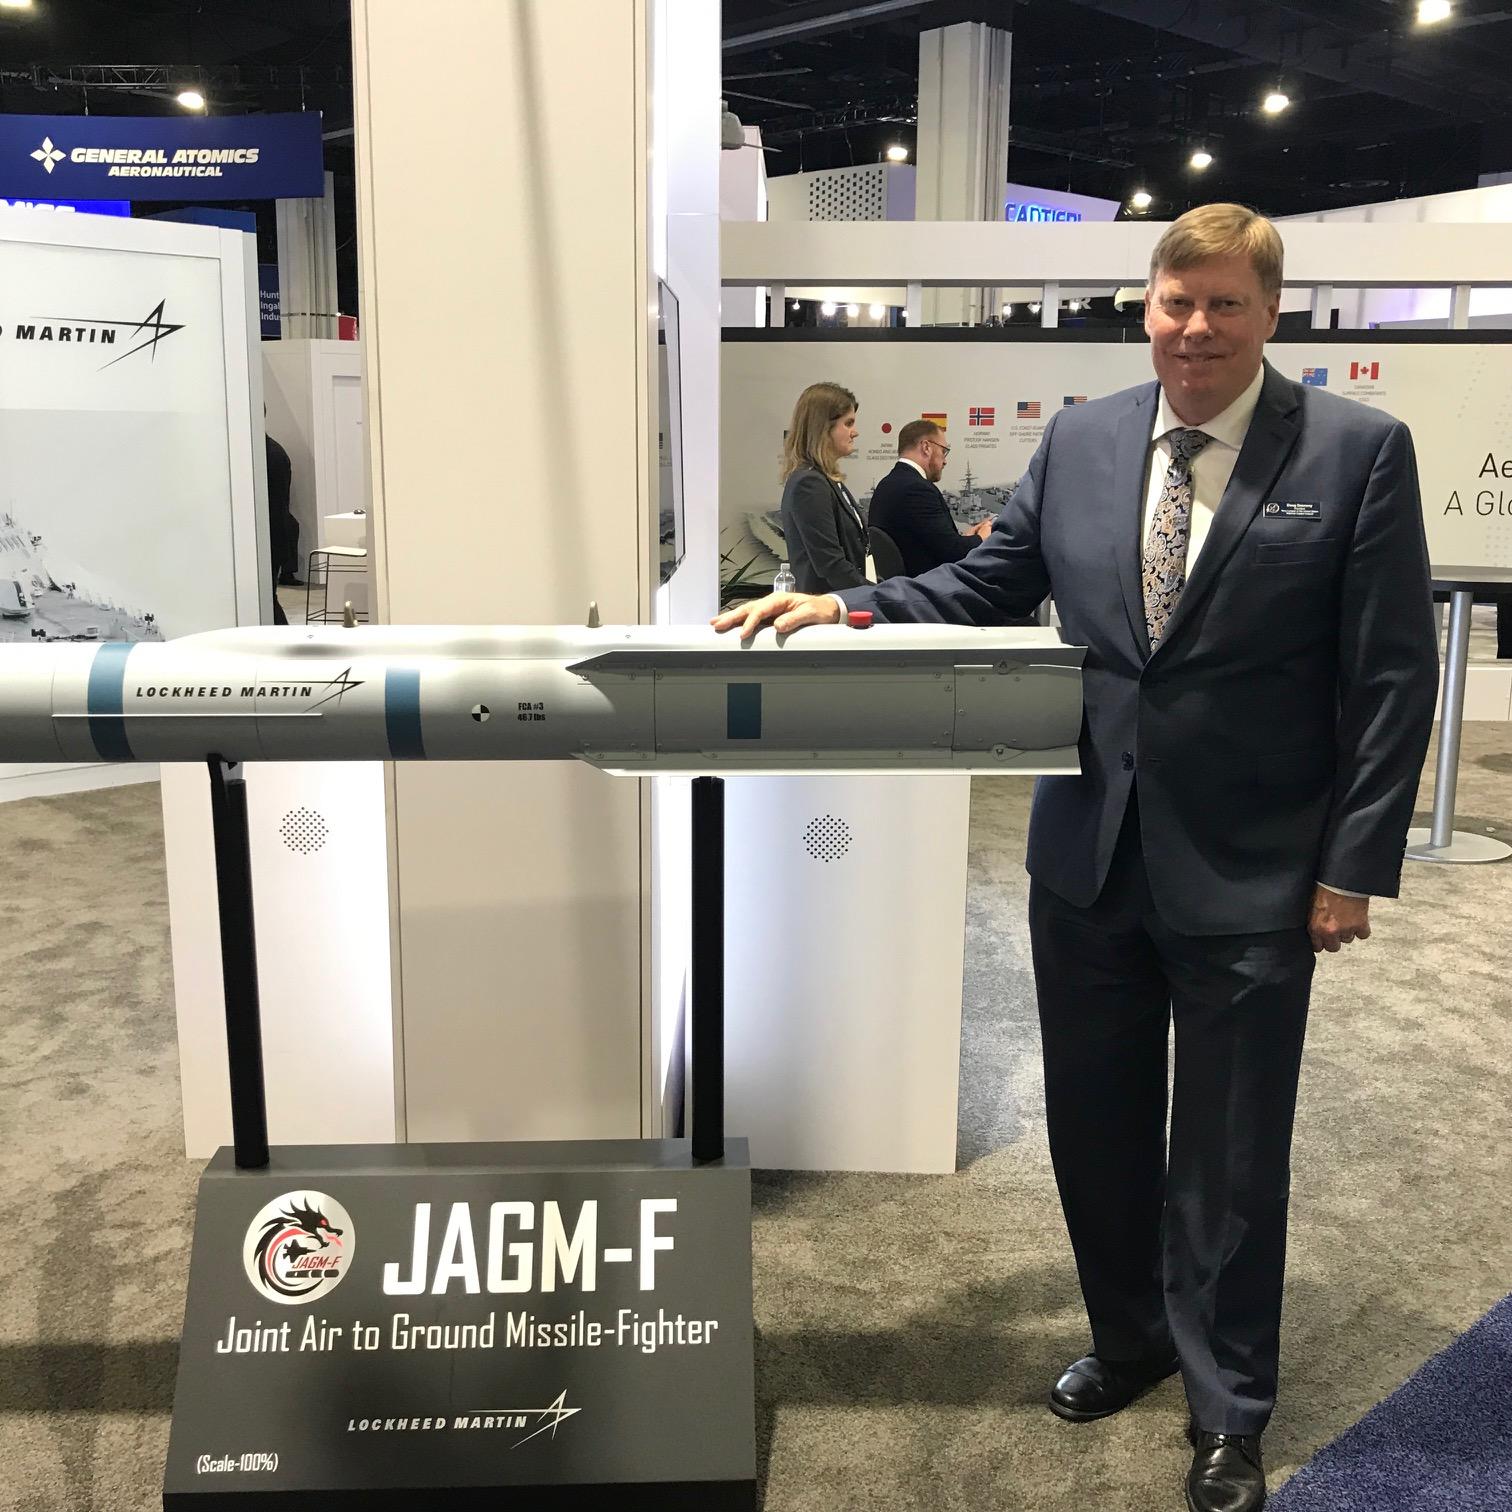 CoAspire CEO Doug Denneny with Lockheed Martin's JAGM-F Missile